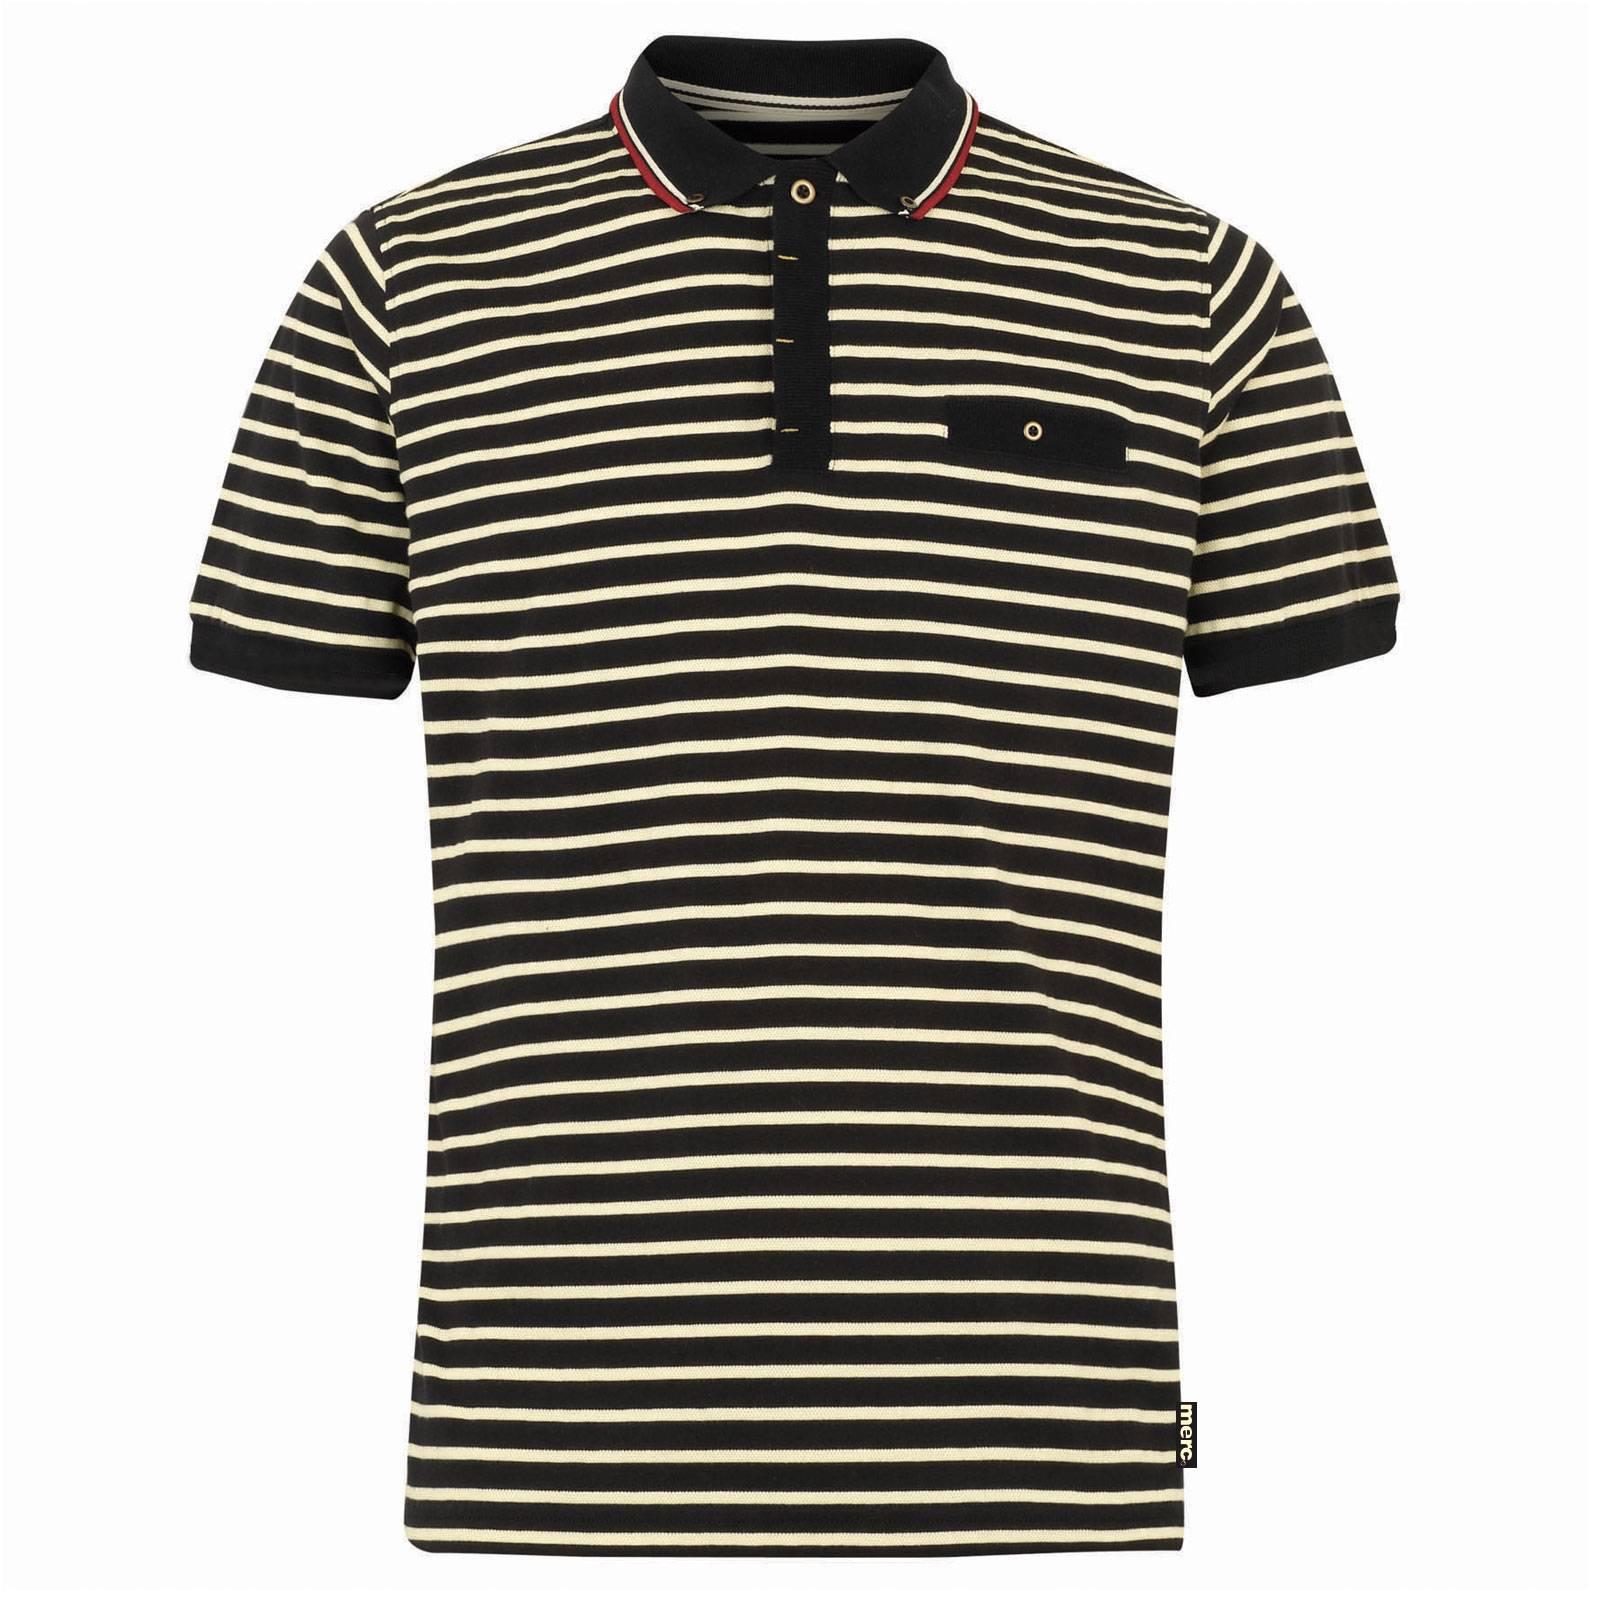 Рубашка Поло BenedictПоло под заказ<br><br><br>Артикул: 1913106<br>Материал: 100% Хлопок<br>Цвет: черный в белую полоску<br>Пол: Мужской